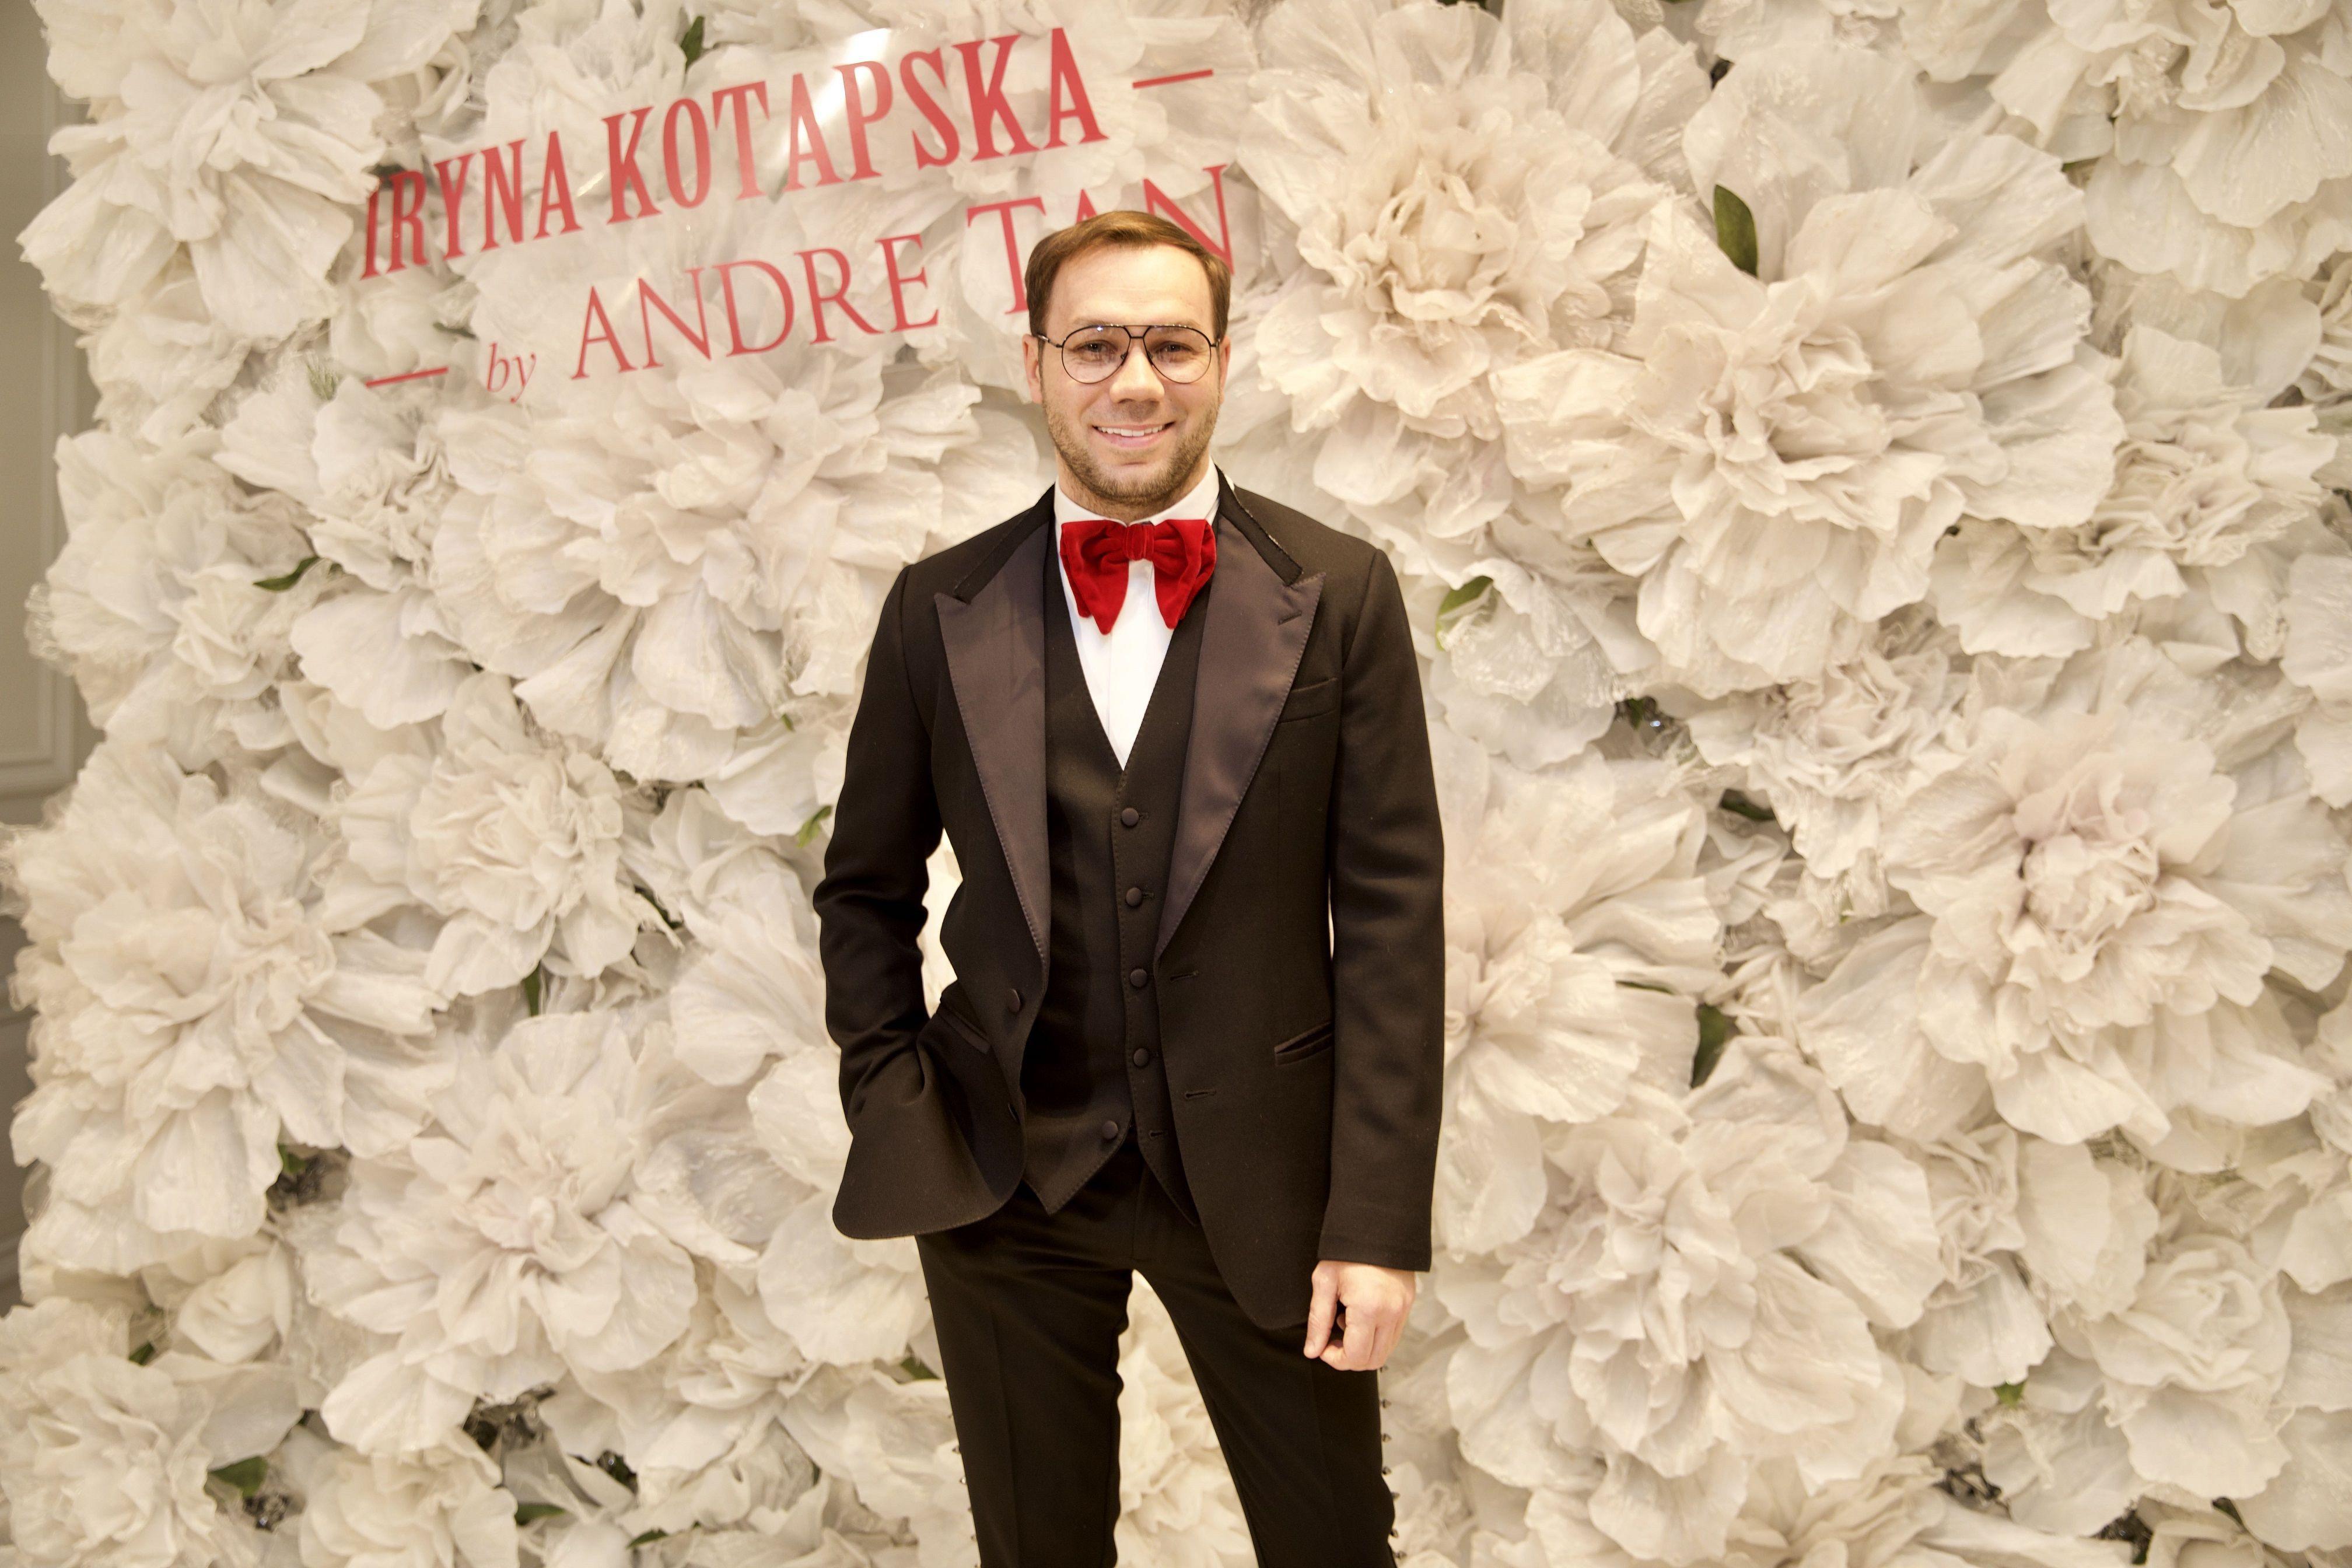 Презентация свадебных платьев от Андре Тана_3